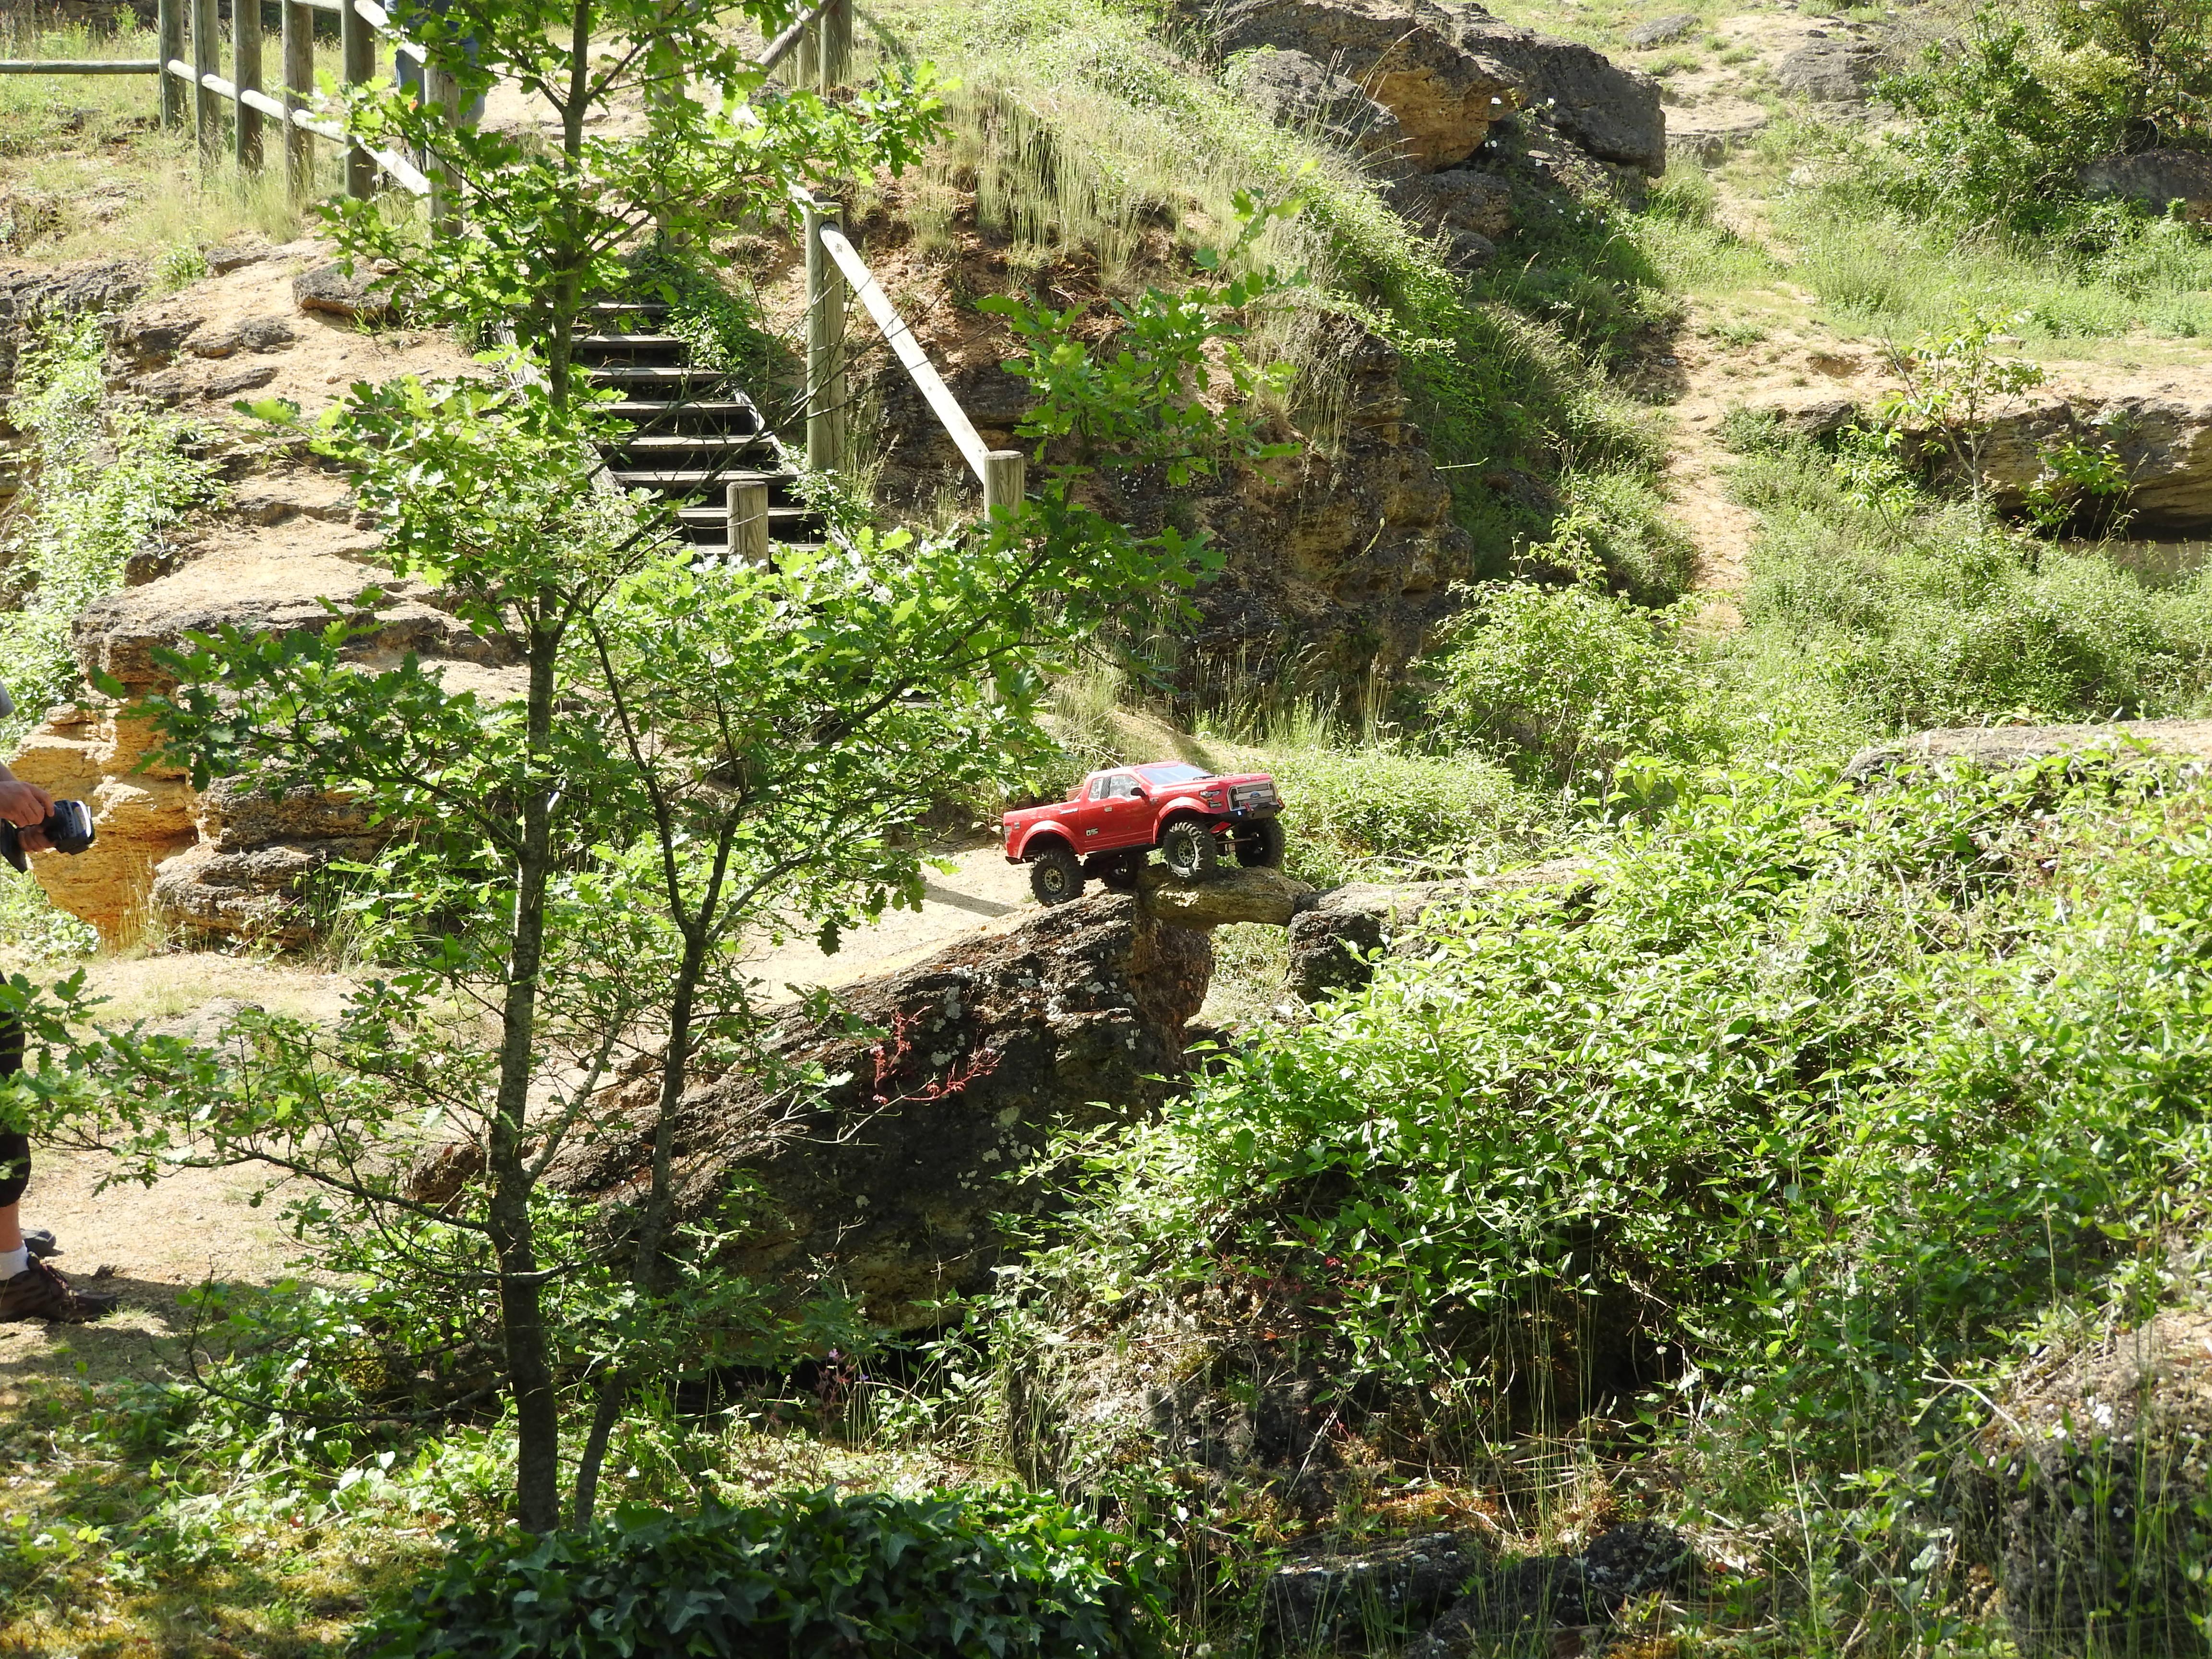 Sortie rc scale et crawler a AMBERRE le moulins de pochas le samedi 2 juin 2018 - Page 3 180603092708681264